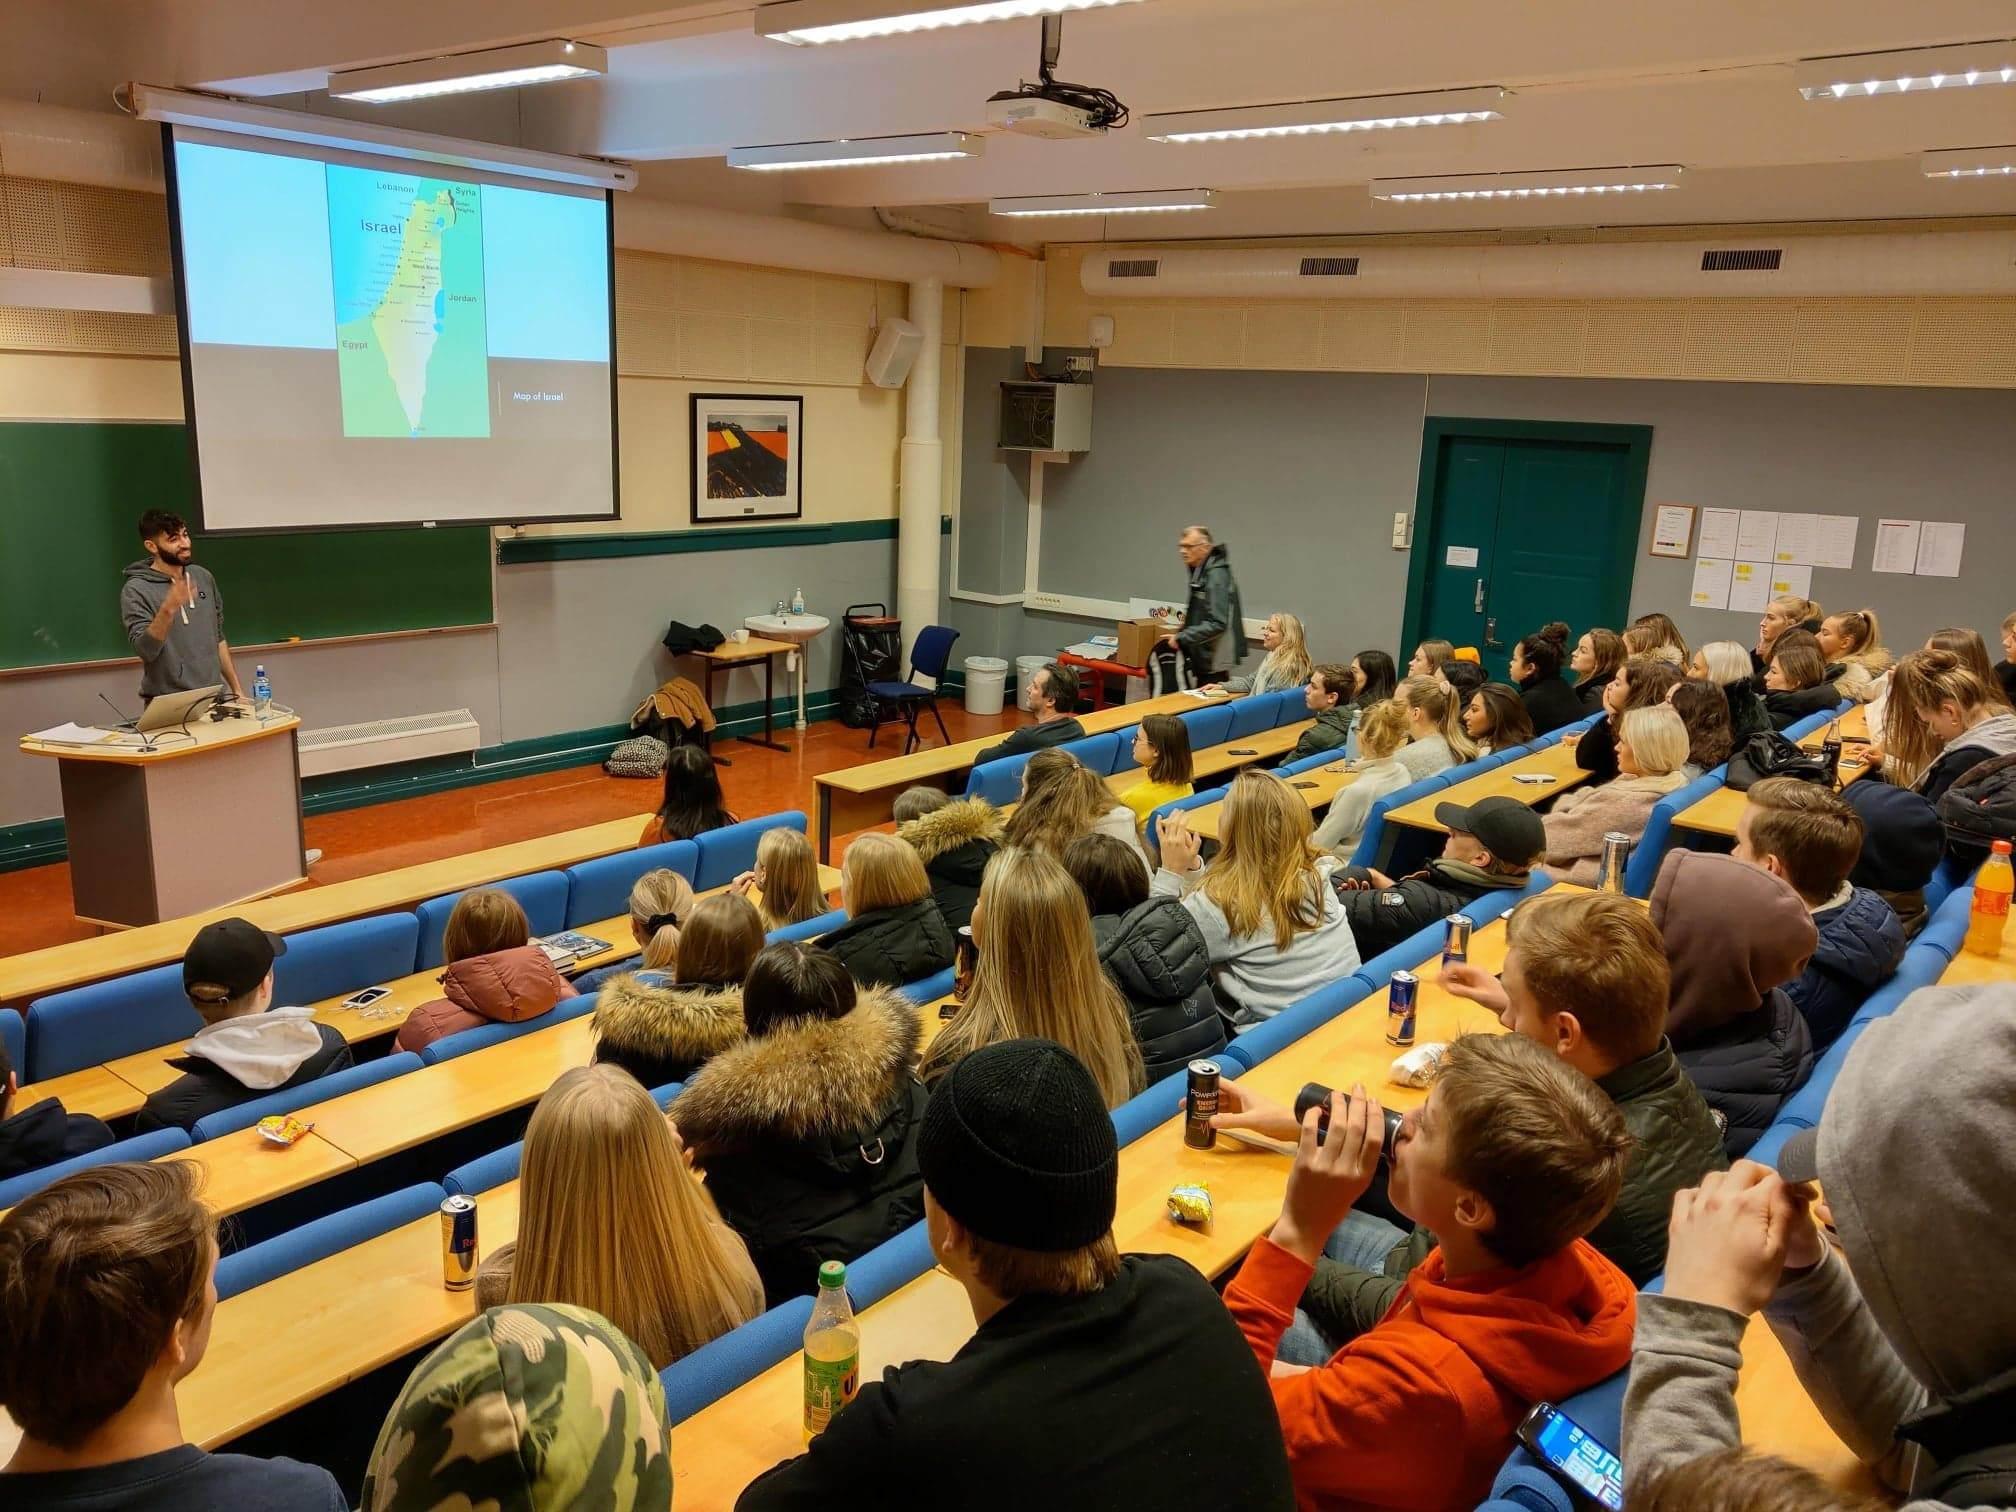 Guy Levinson forteller til norske skoleelever hvordan det er å være ung i Israel. (Foto: Kjetil Ravn Hansen)